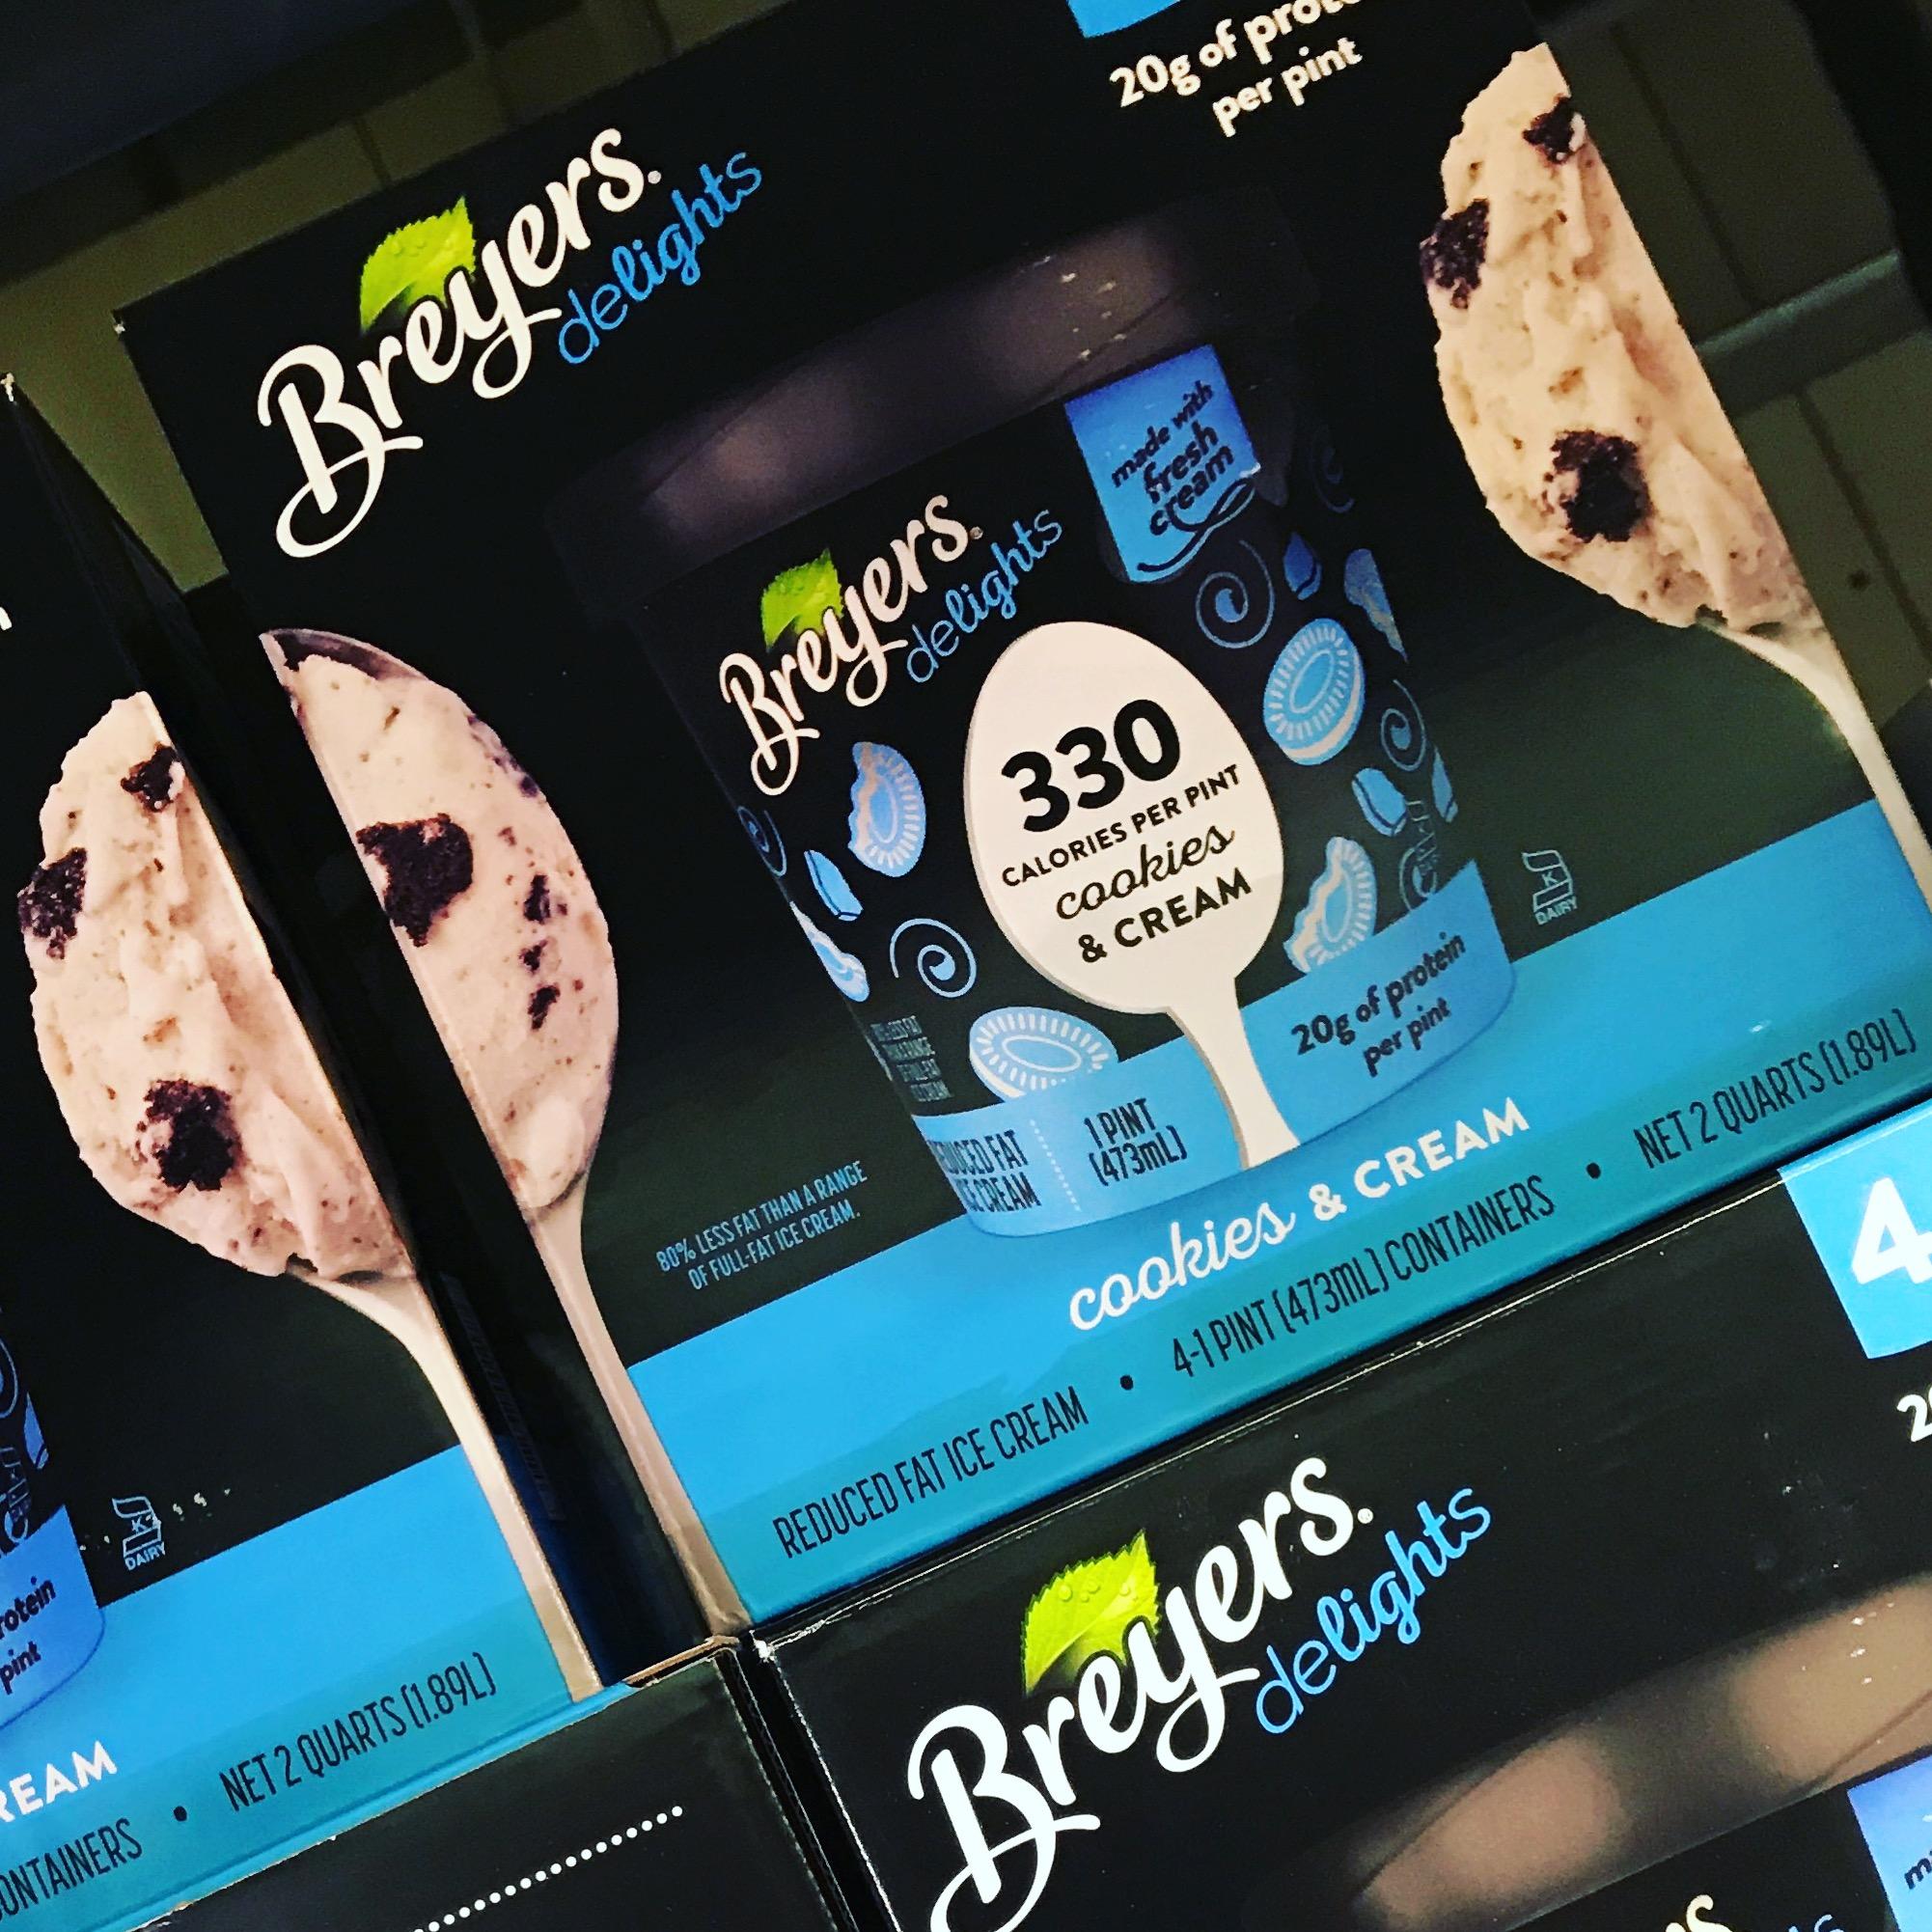 Breyers Ice Cream BJ's